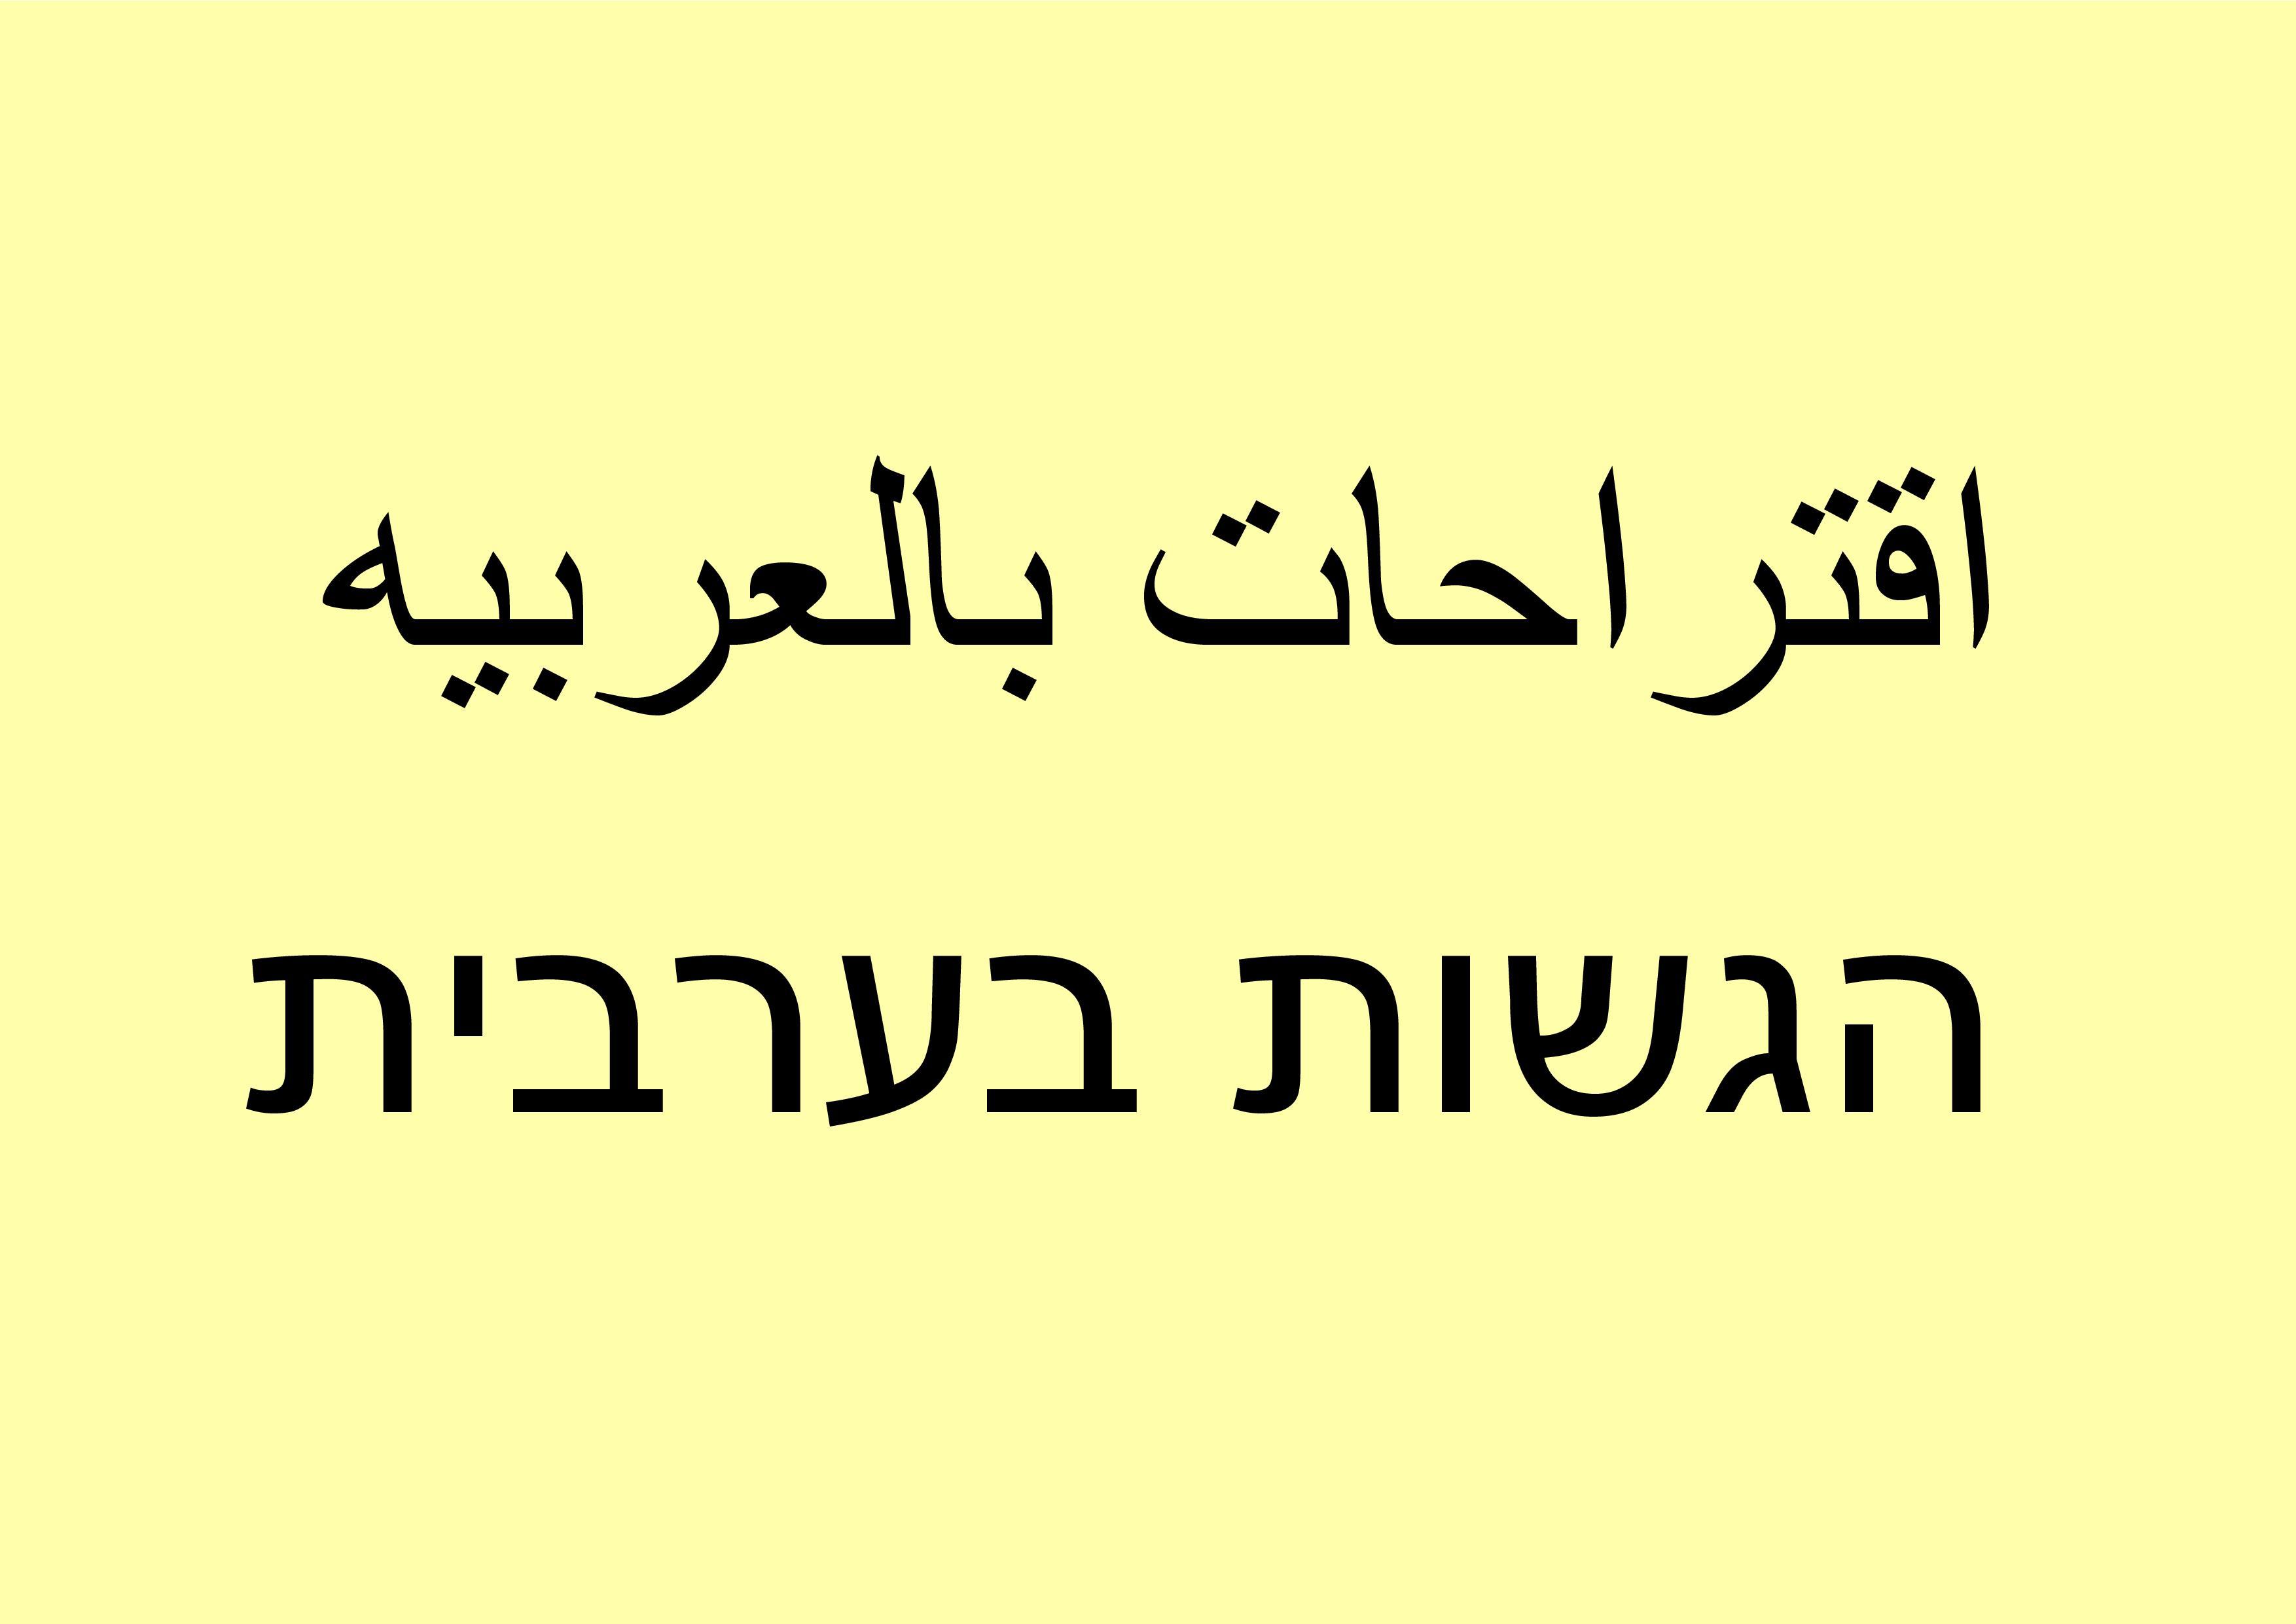 הגשות בערבית   اقتراحات بالعربيه